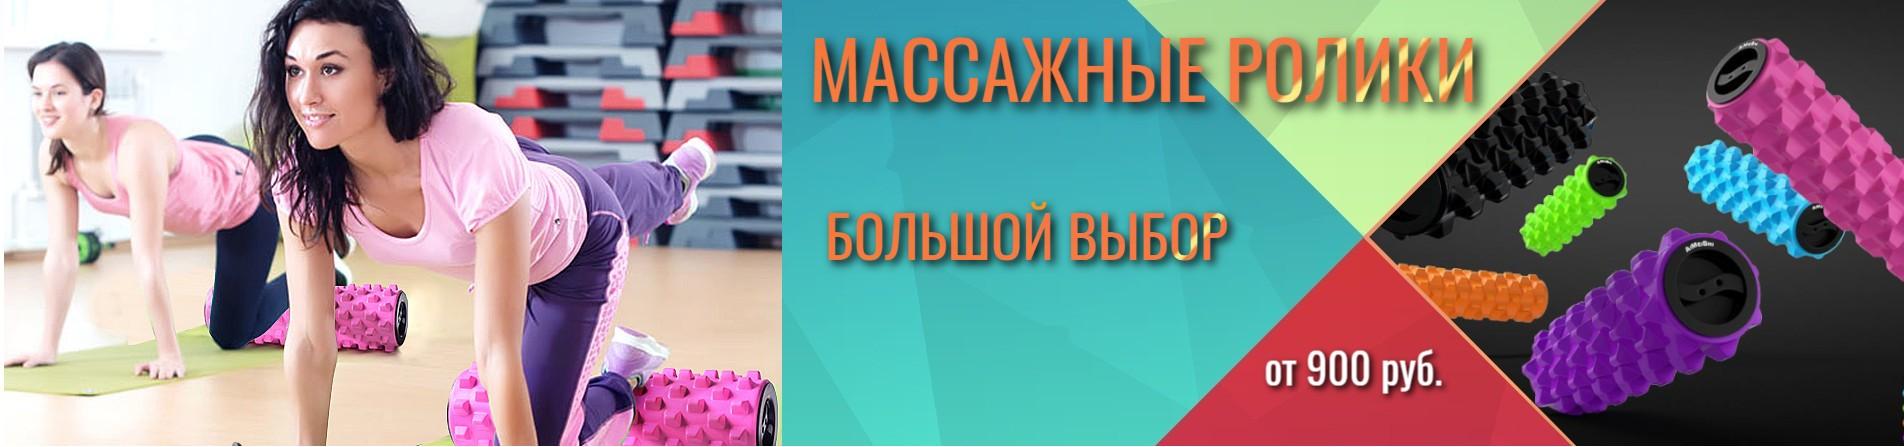 roliki_massazhnie